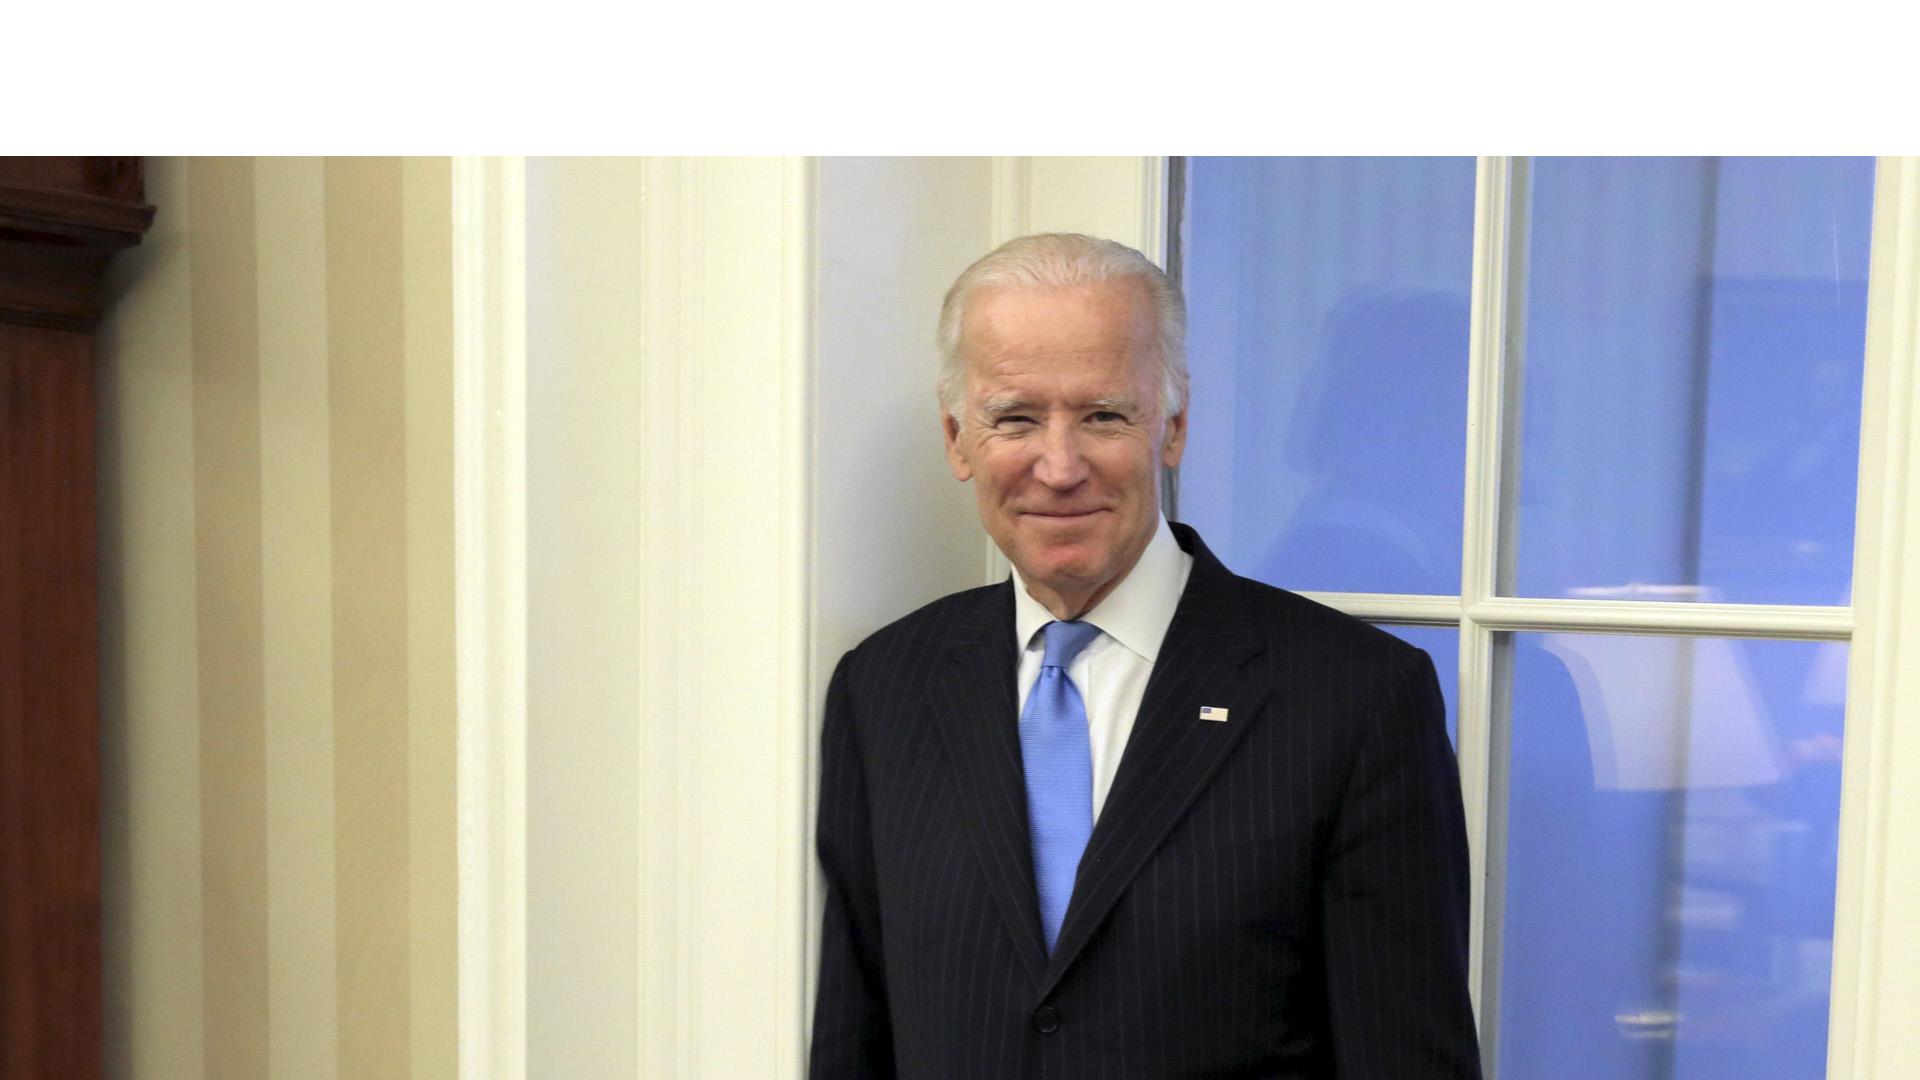 El vicepresidente de Estados Unidos también recomendó a los presidentes centroamericanos combatir la corrupción